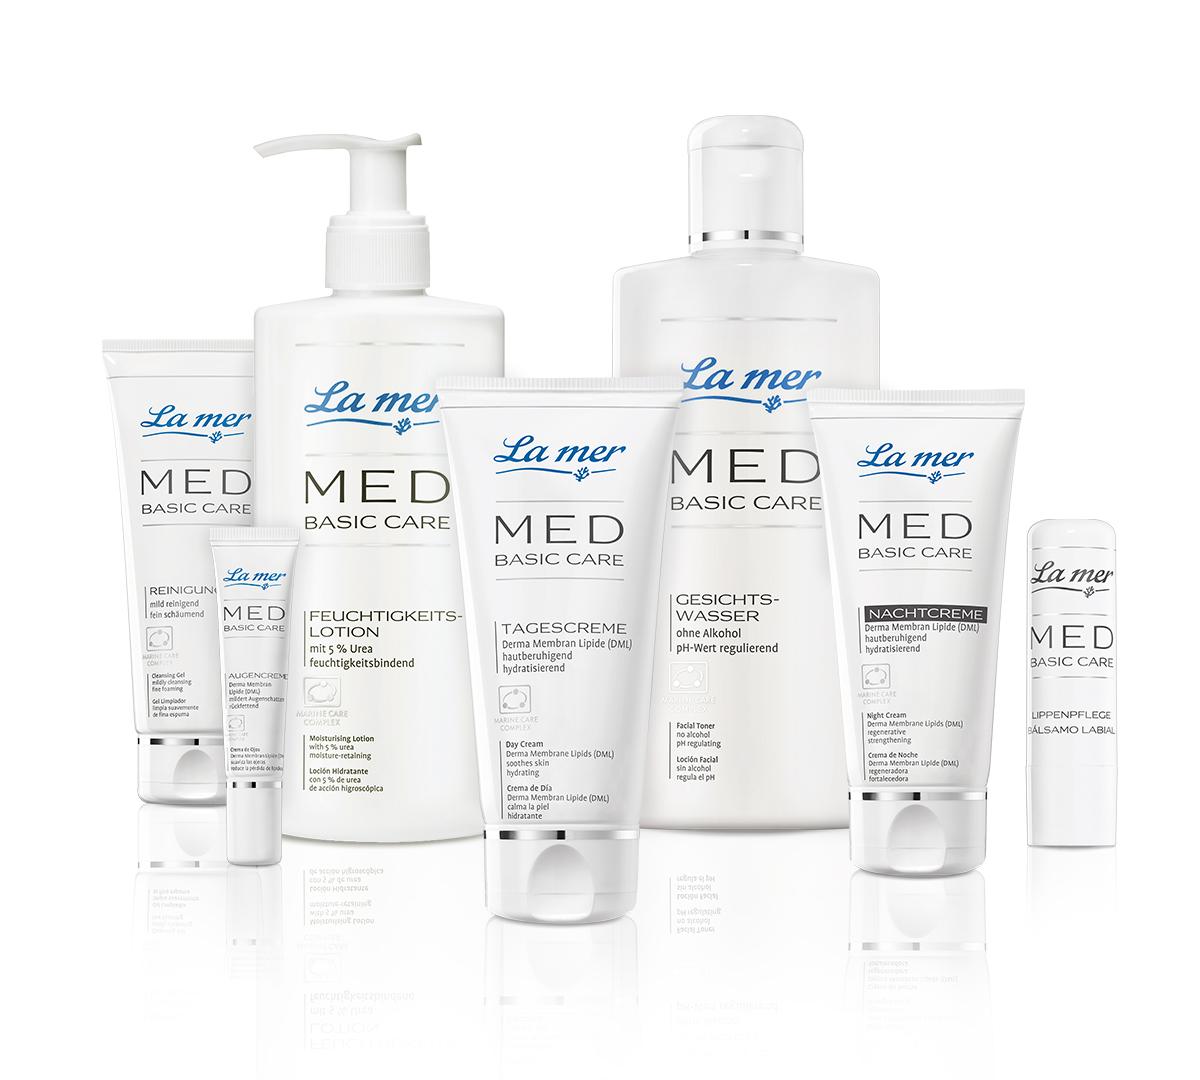 Med Basic Care